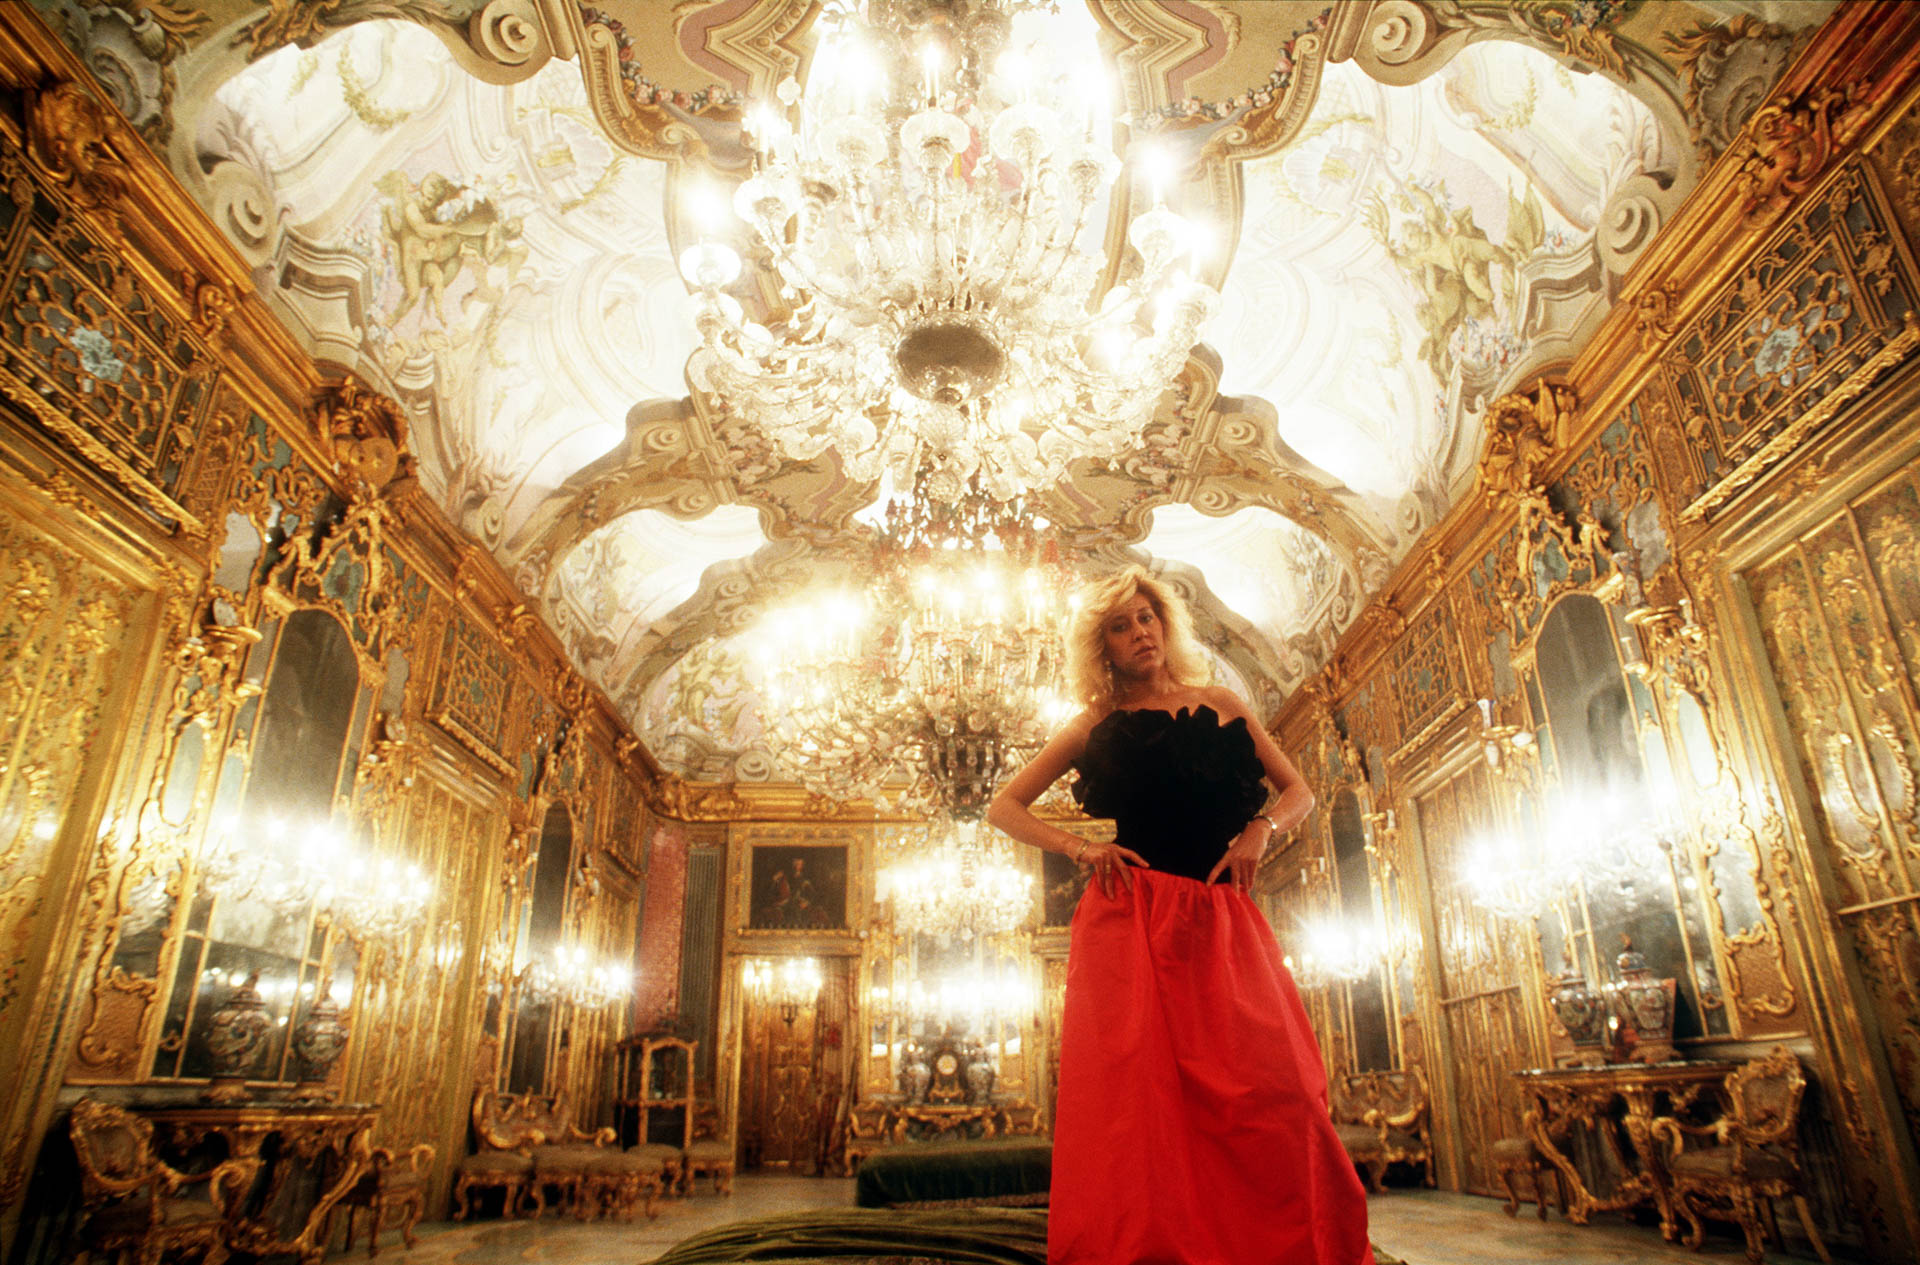 """Palermo, Italy - 11 December 1987 Stefanella Vanni Calvello di S. Vincenzo portrayed in the family's residence, Palazzo Gangi, in Palermo where Luchino Visconti filmed the scene of the ball of """"Il Gattopardo"""".© GIANNI GIANSANTI"""